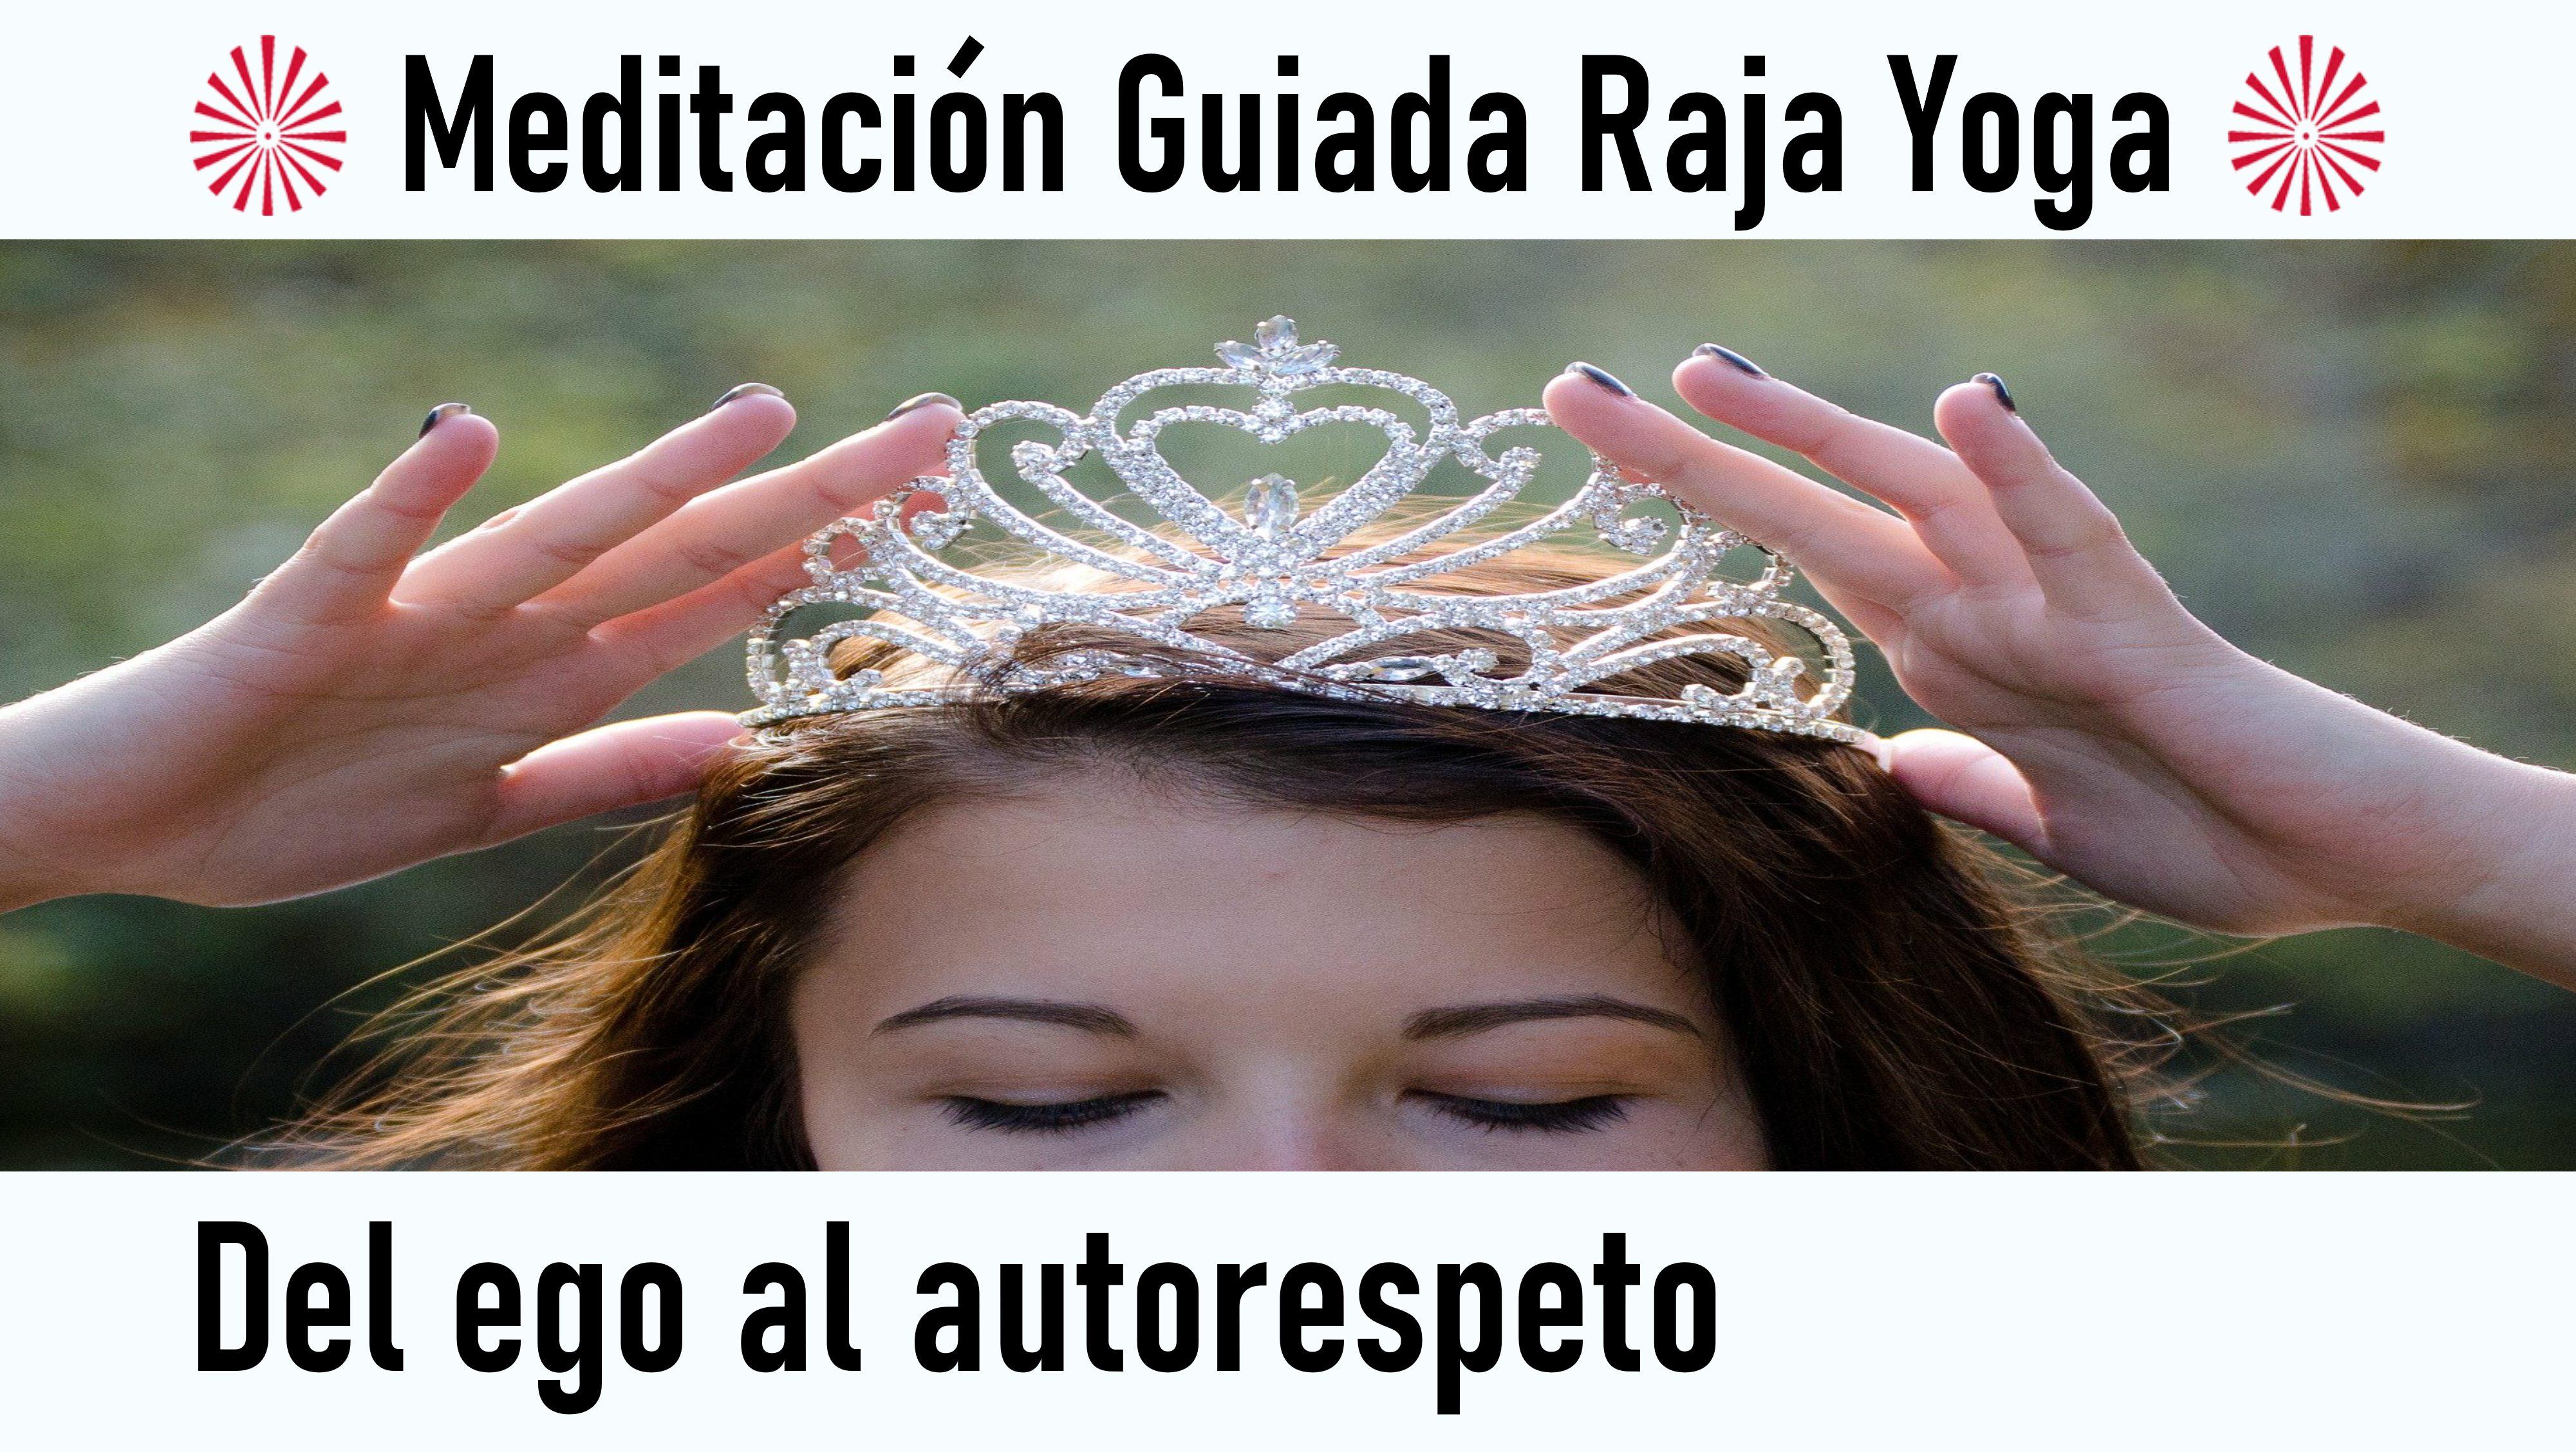 Meditación Raja Yoga: Del ego al autorespeto (17 Septiembre 2020) On-line desde Valencia